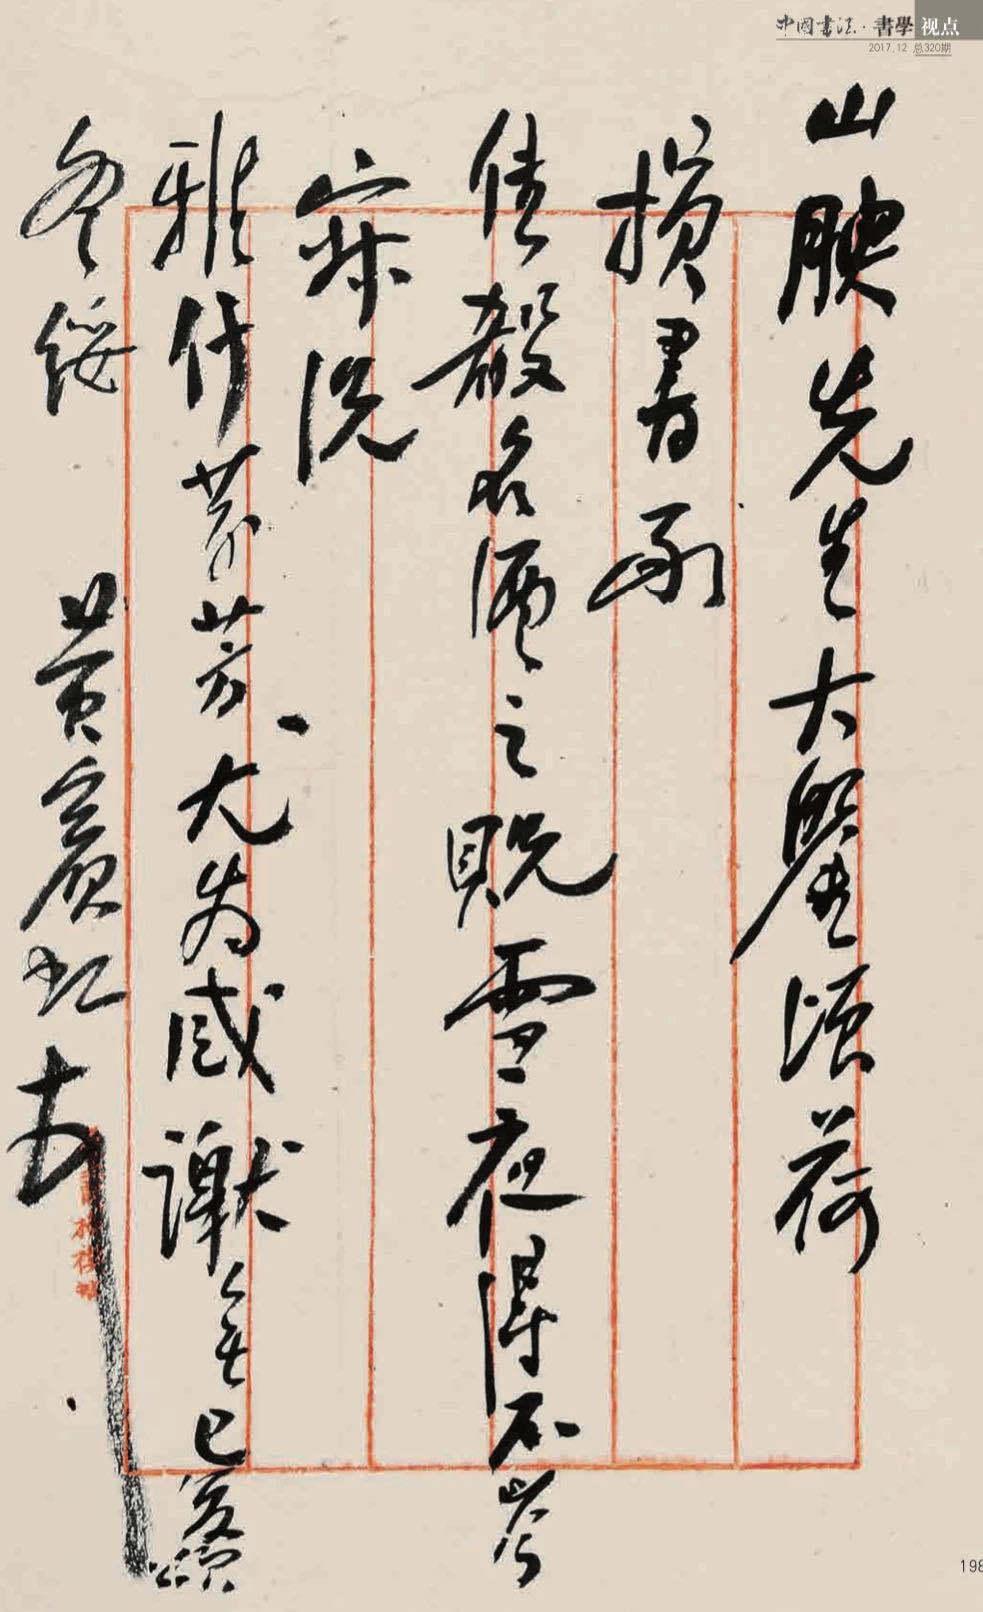 馆藏珍贵文物被拍卖?四川省图书馆正式回应